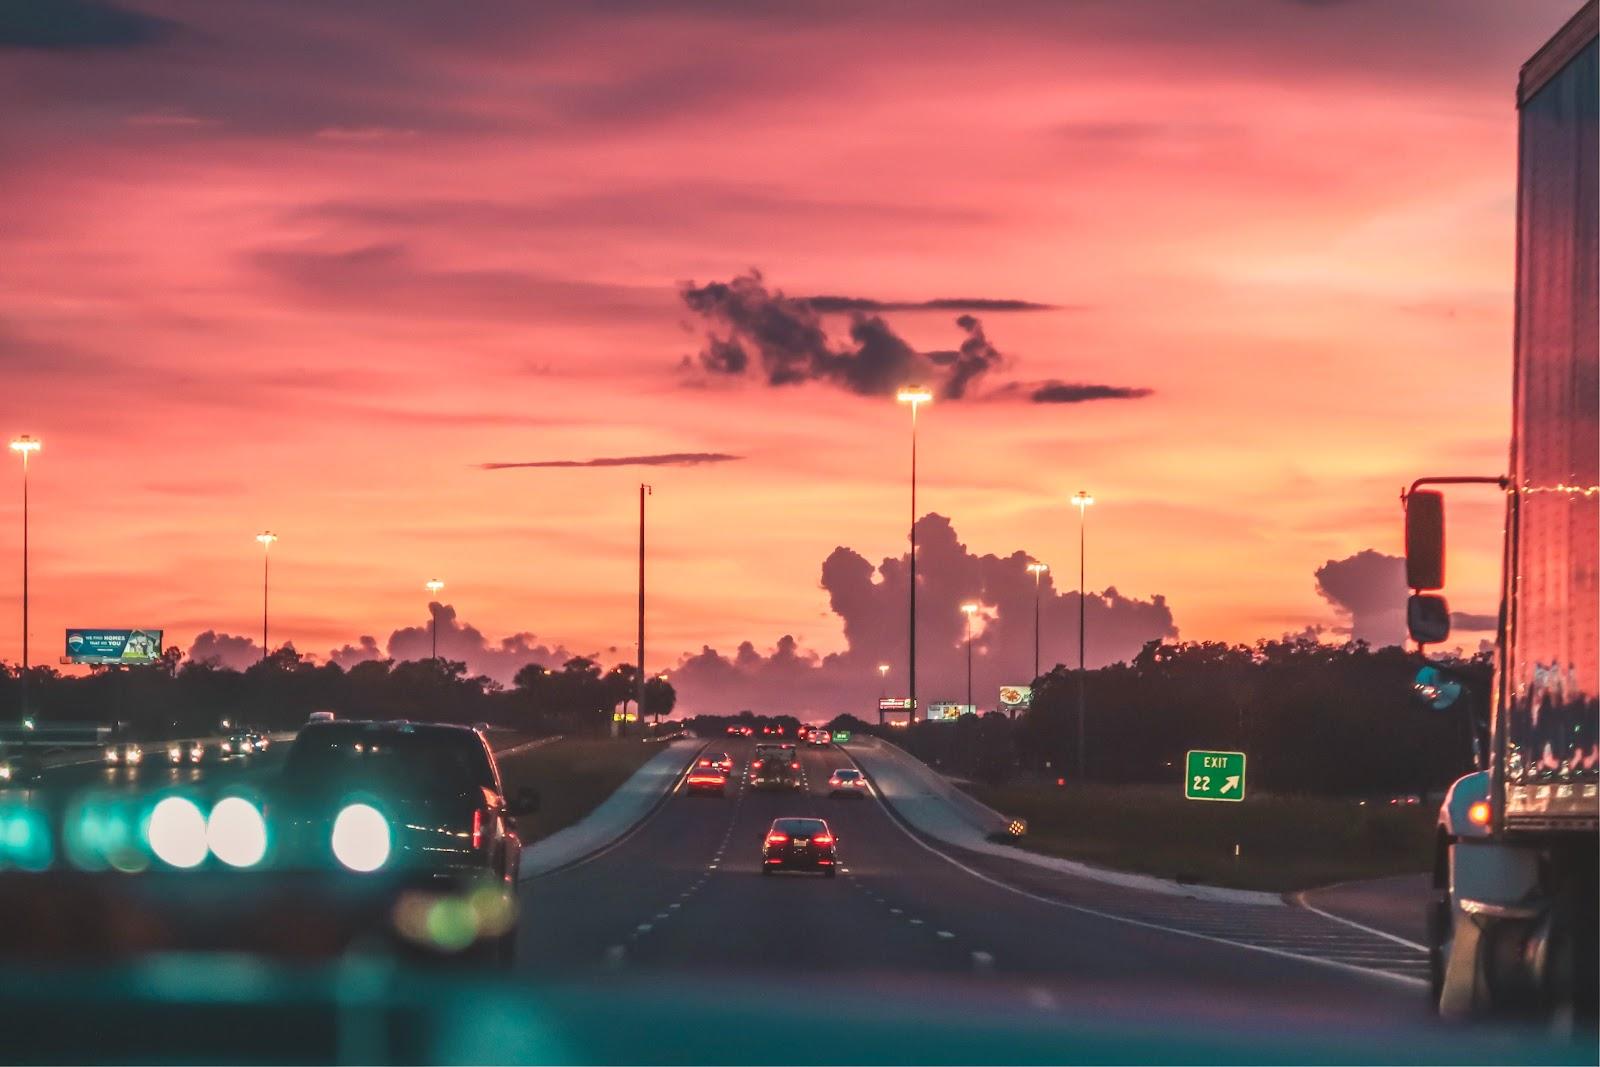 Uma visão de uma estrada.